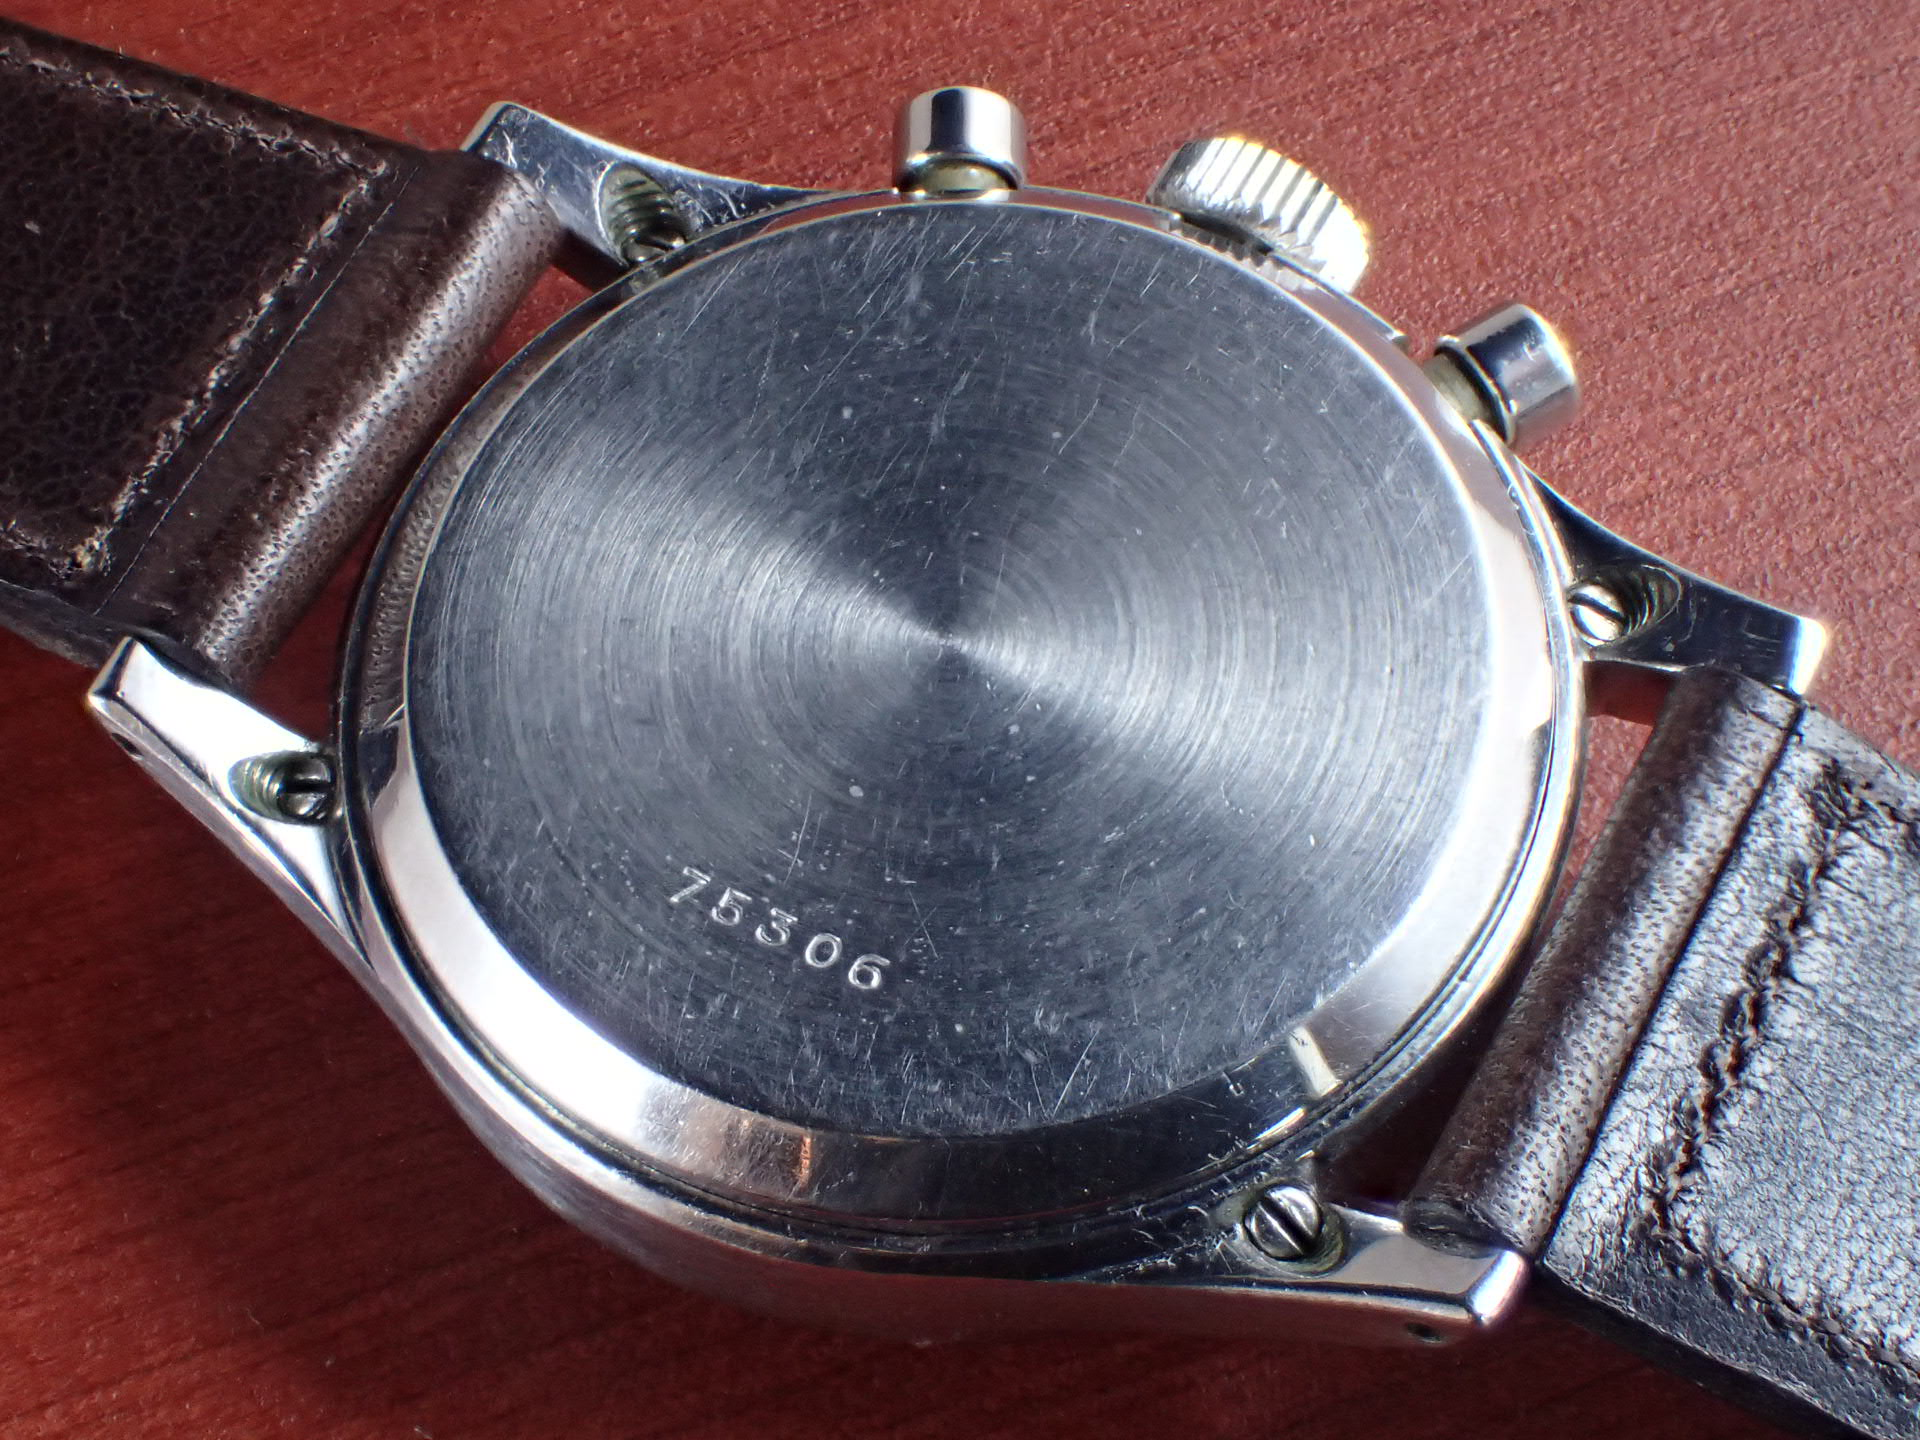 ギャレット マルチクロン クラムシェルケース ブラックダイアル 1940年代の写真4枚目